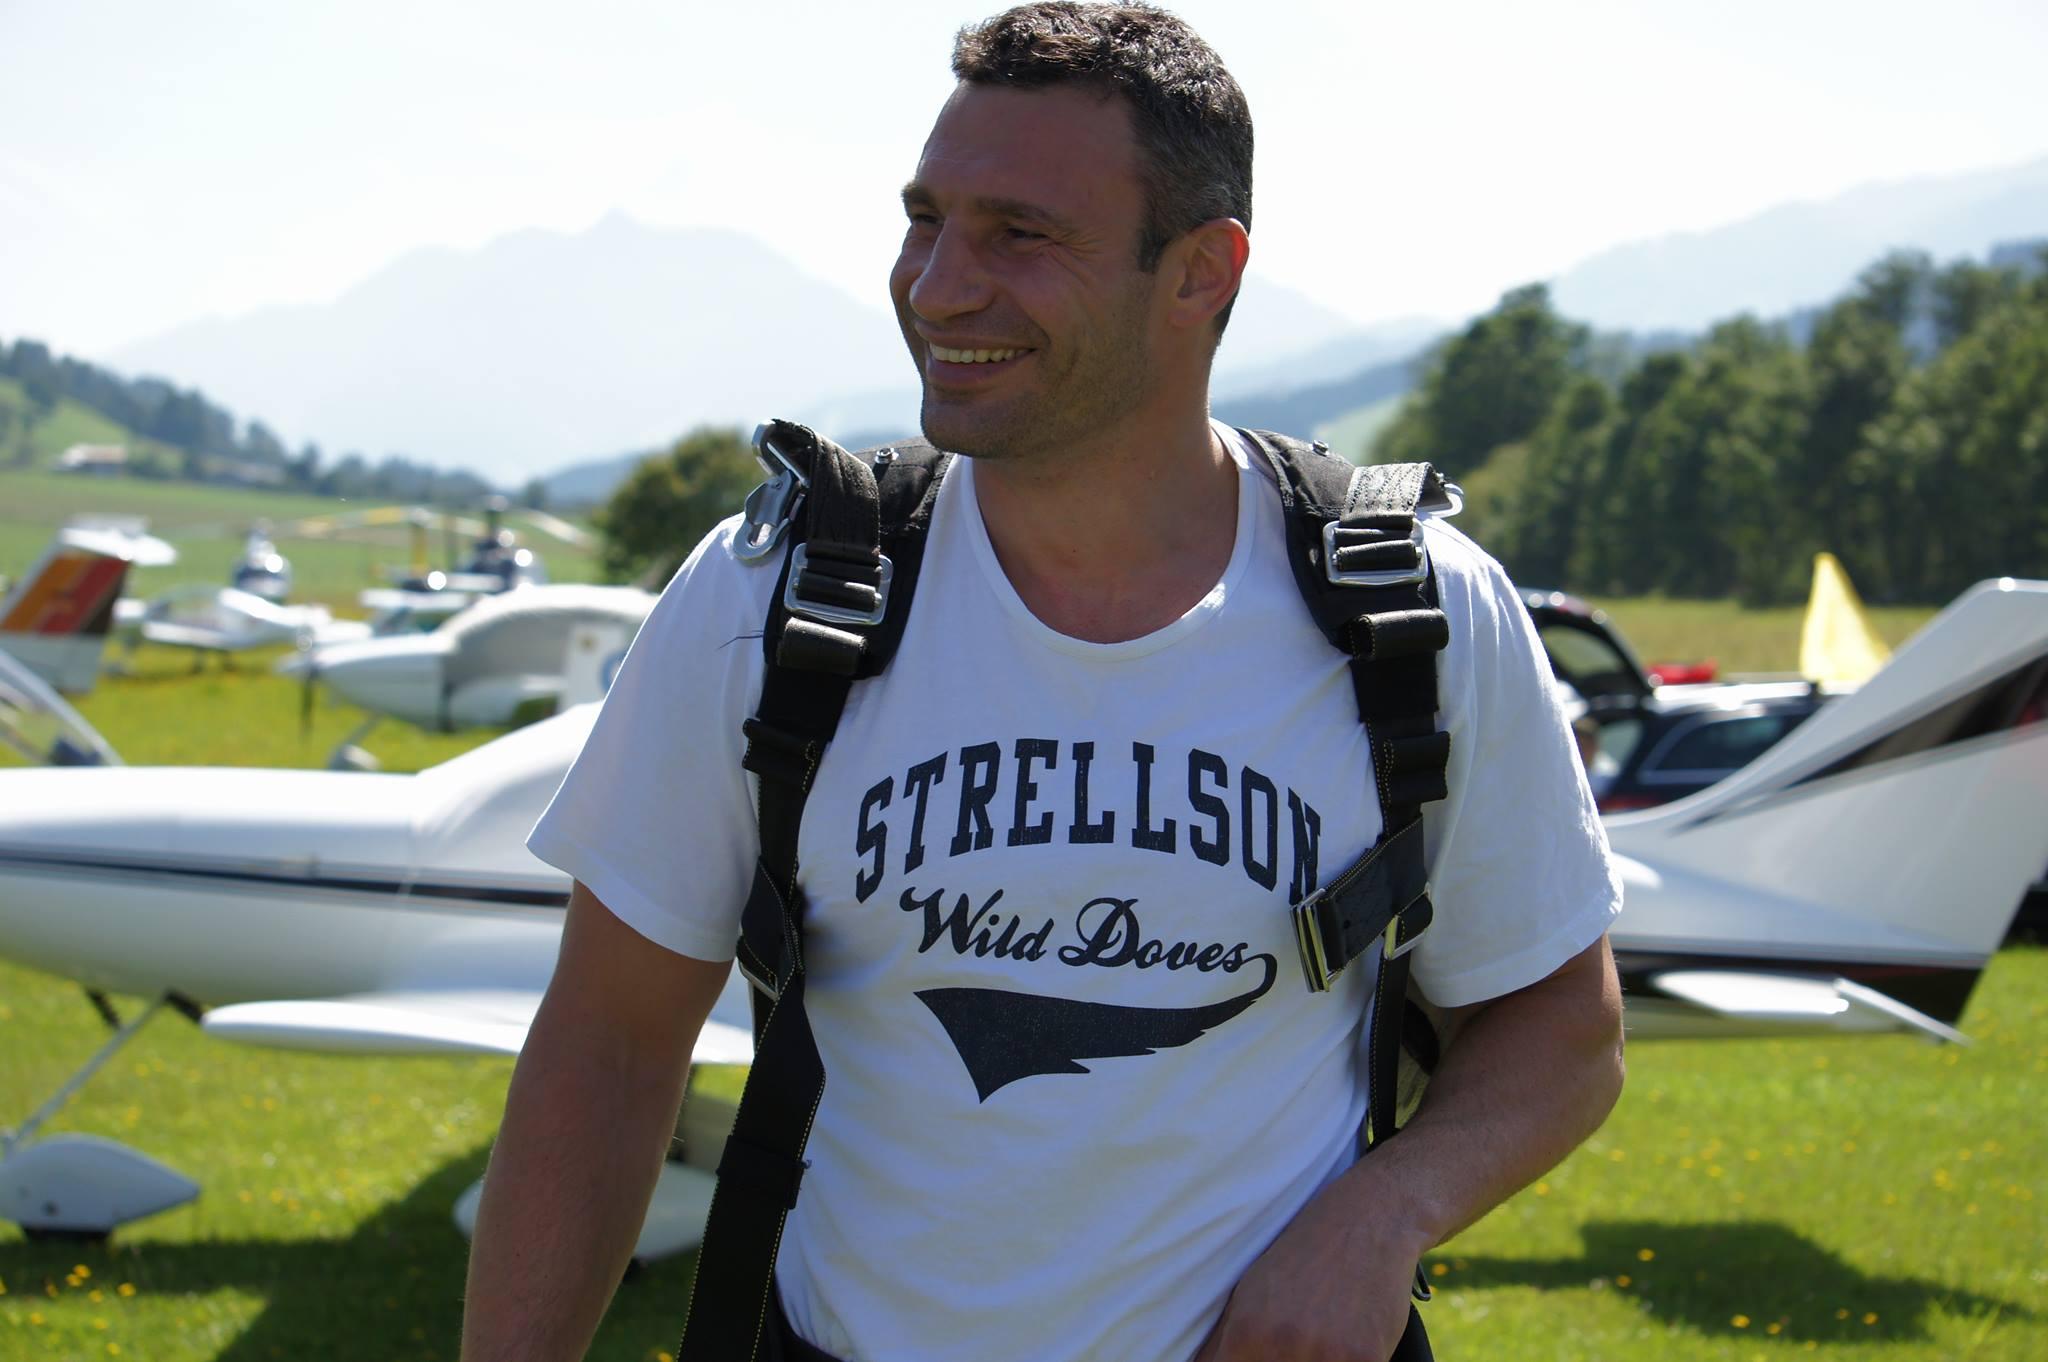 Виталий Кличко прыгал с парашютом